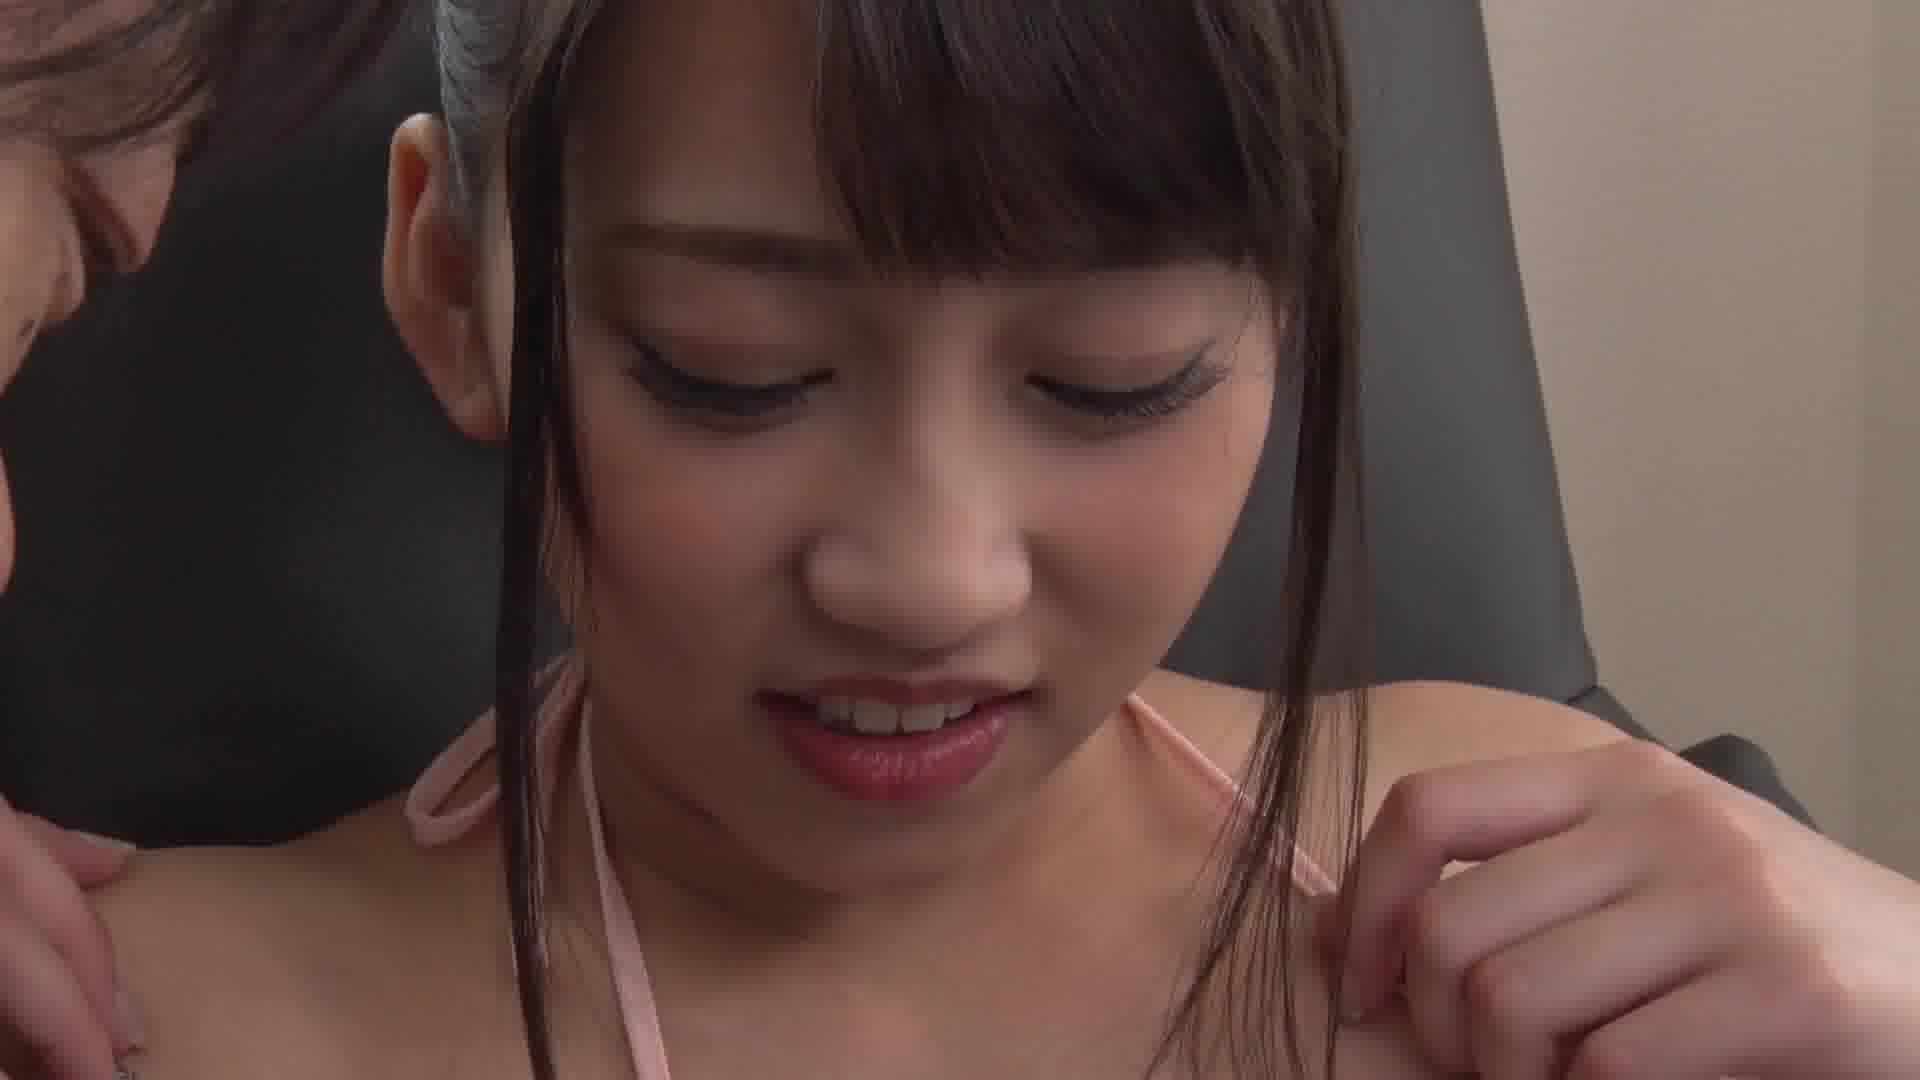 いじられ続けてガチガチになるマゾ乳首8 - 青木美香【スレンダー・バイブ・中出し】